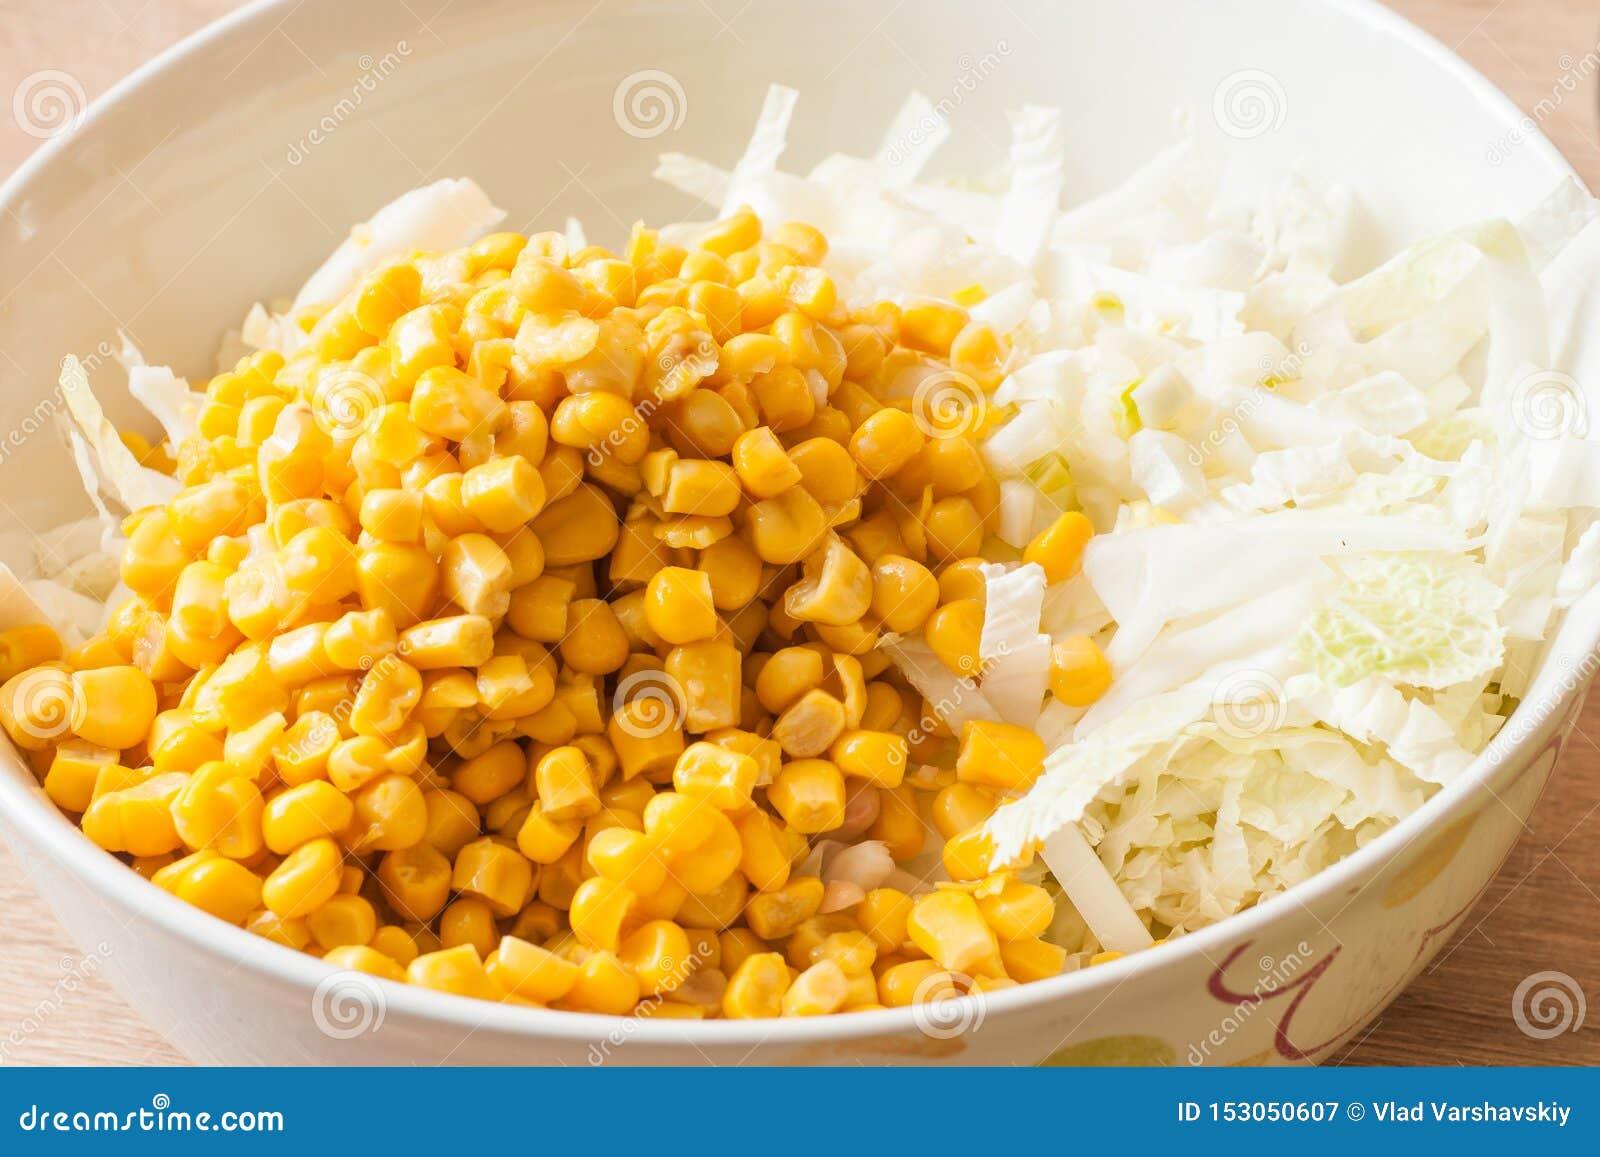 Hinzufügen des in Büchsen konservierten Mais Weißkohlsalat